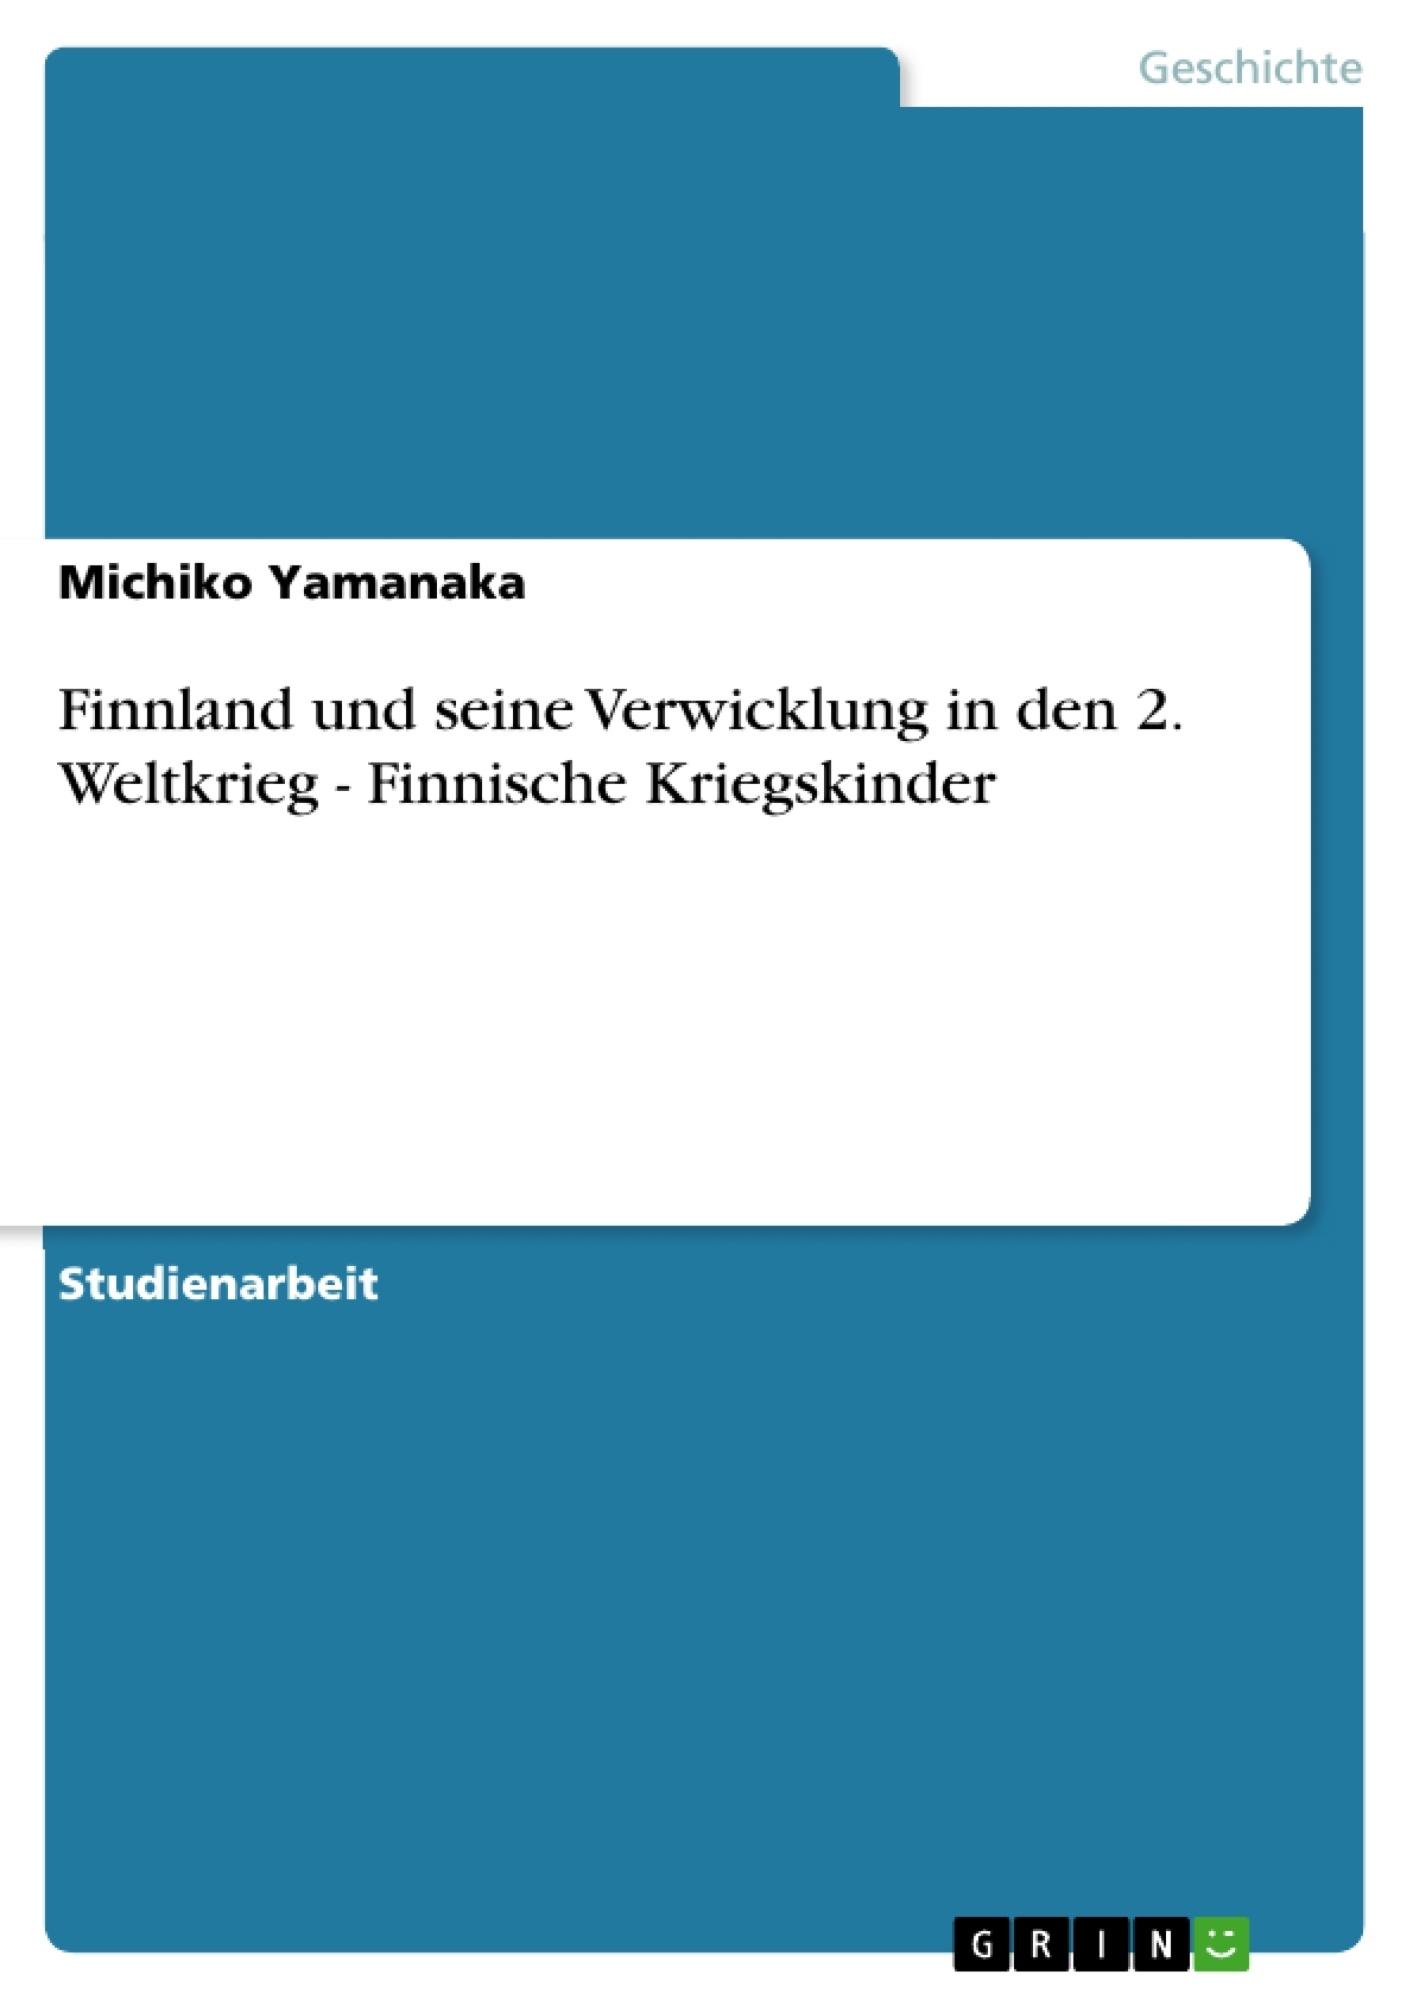 Titel: Finnland und seine Verwicklung in den 2. Weltkrieg - Finnische Kriegskinder